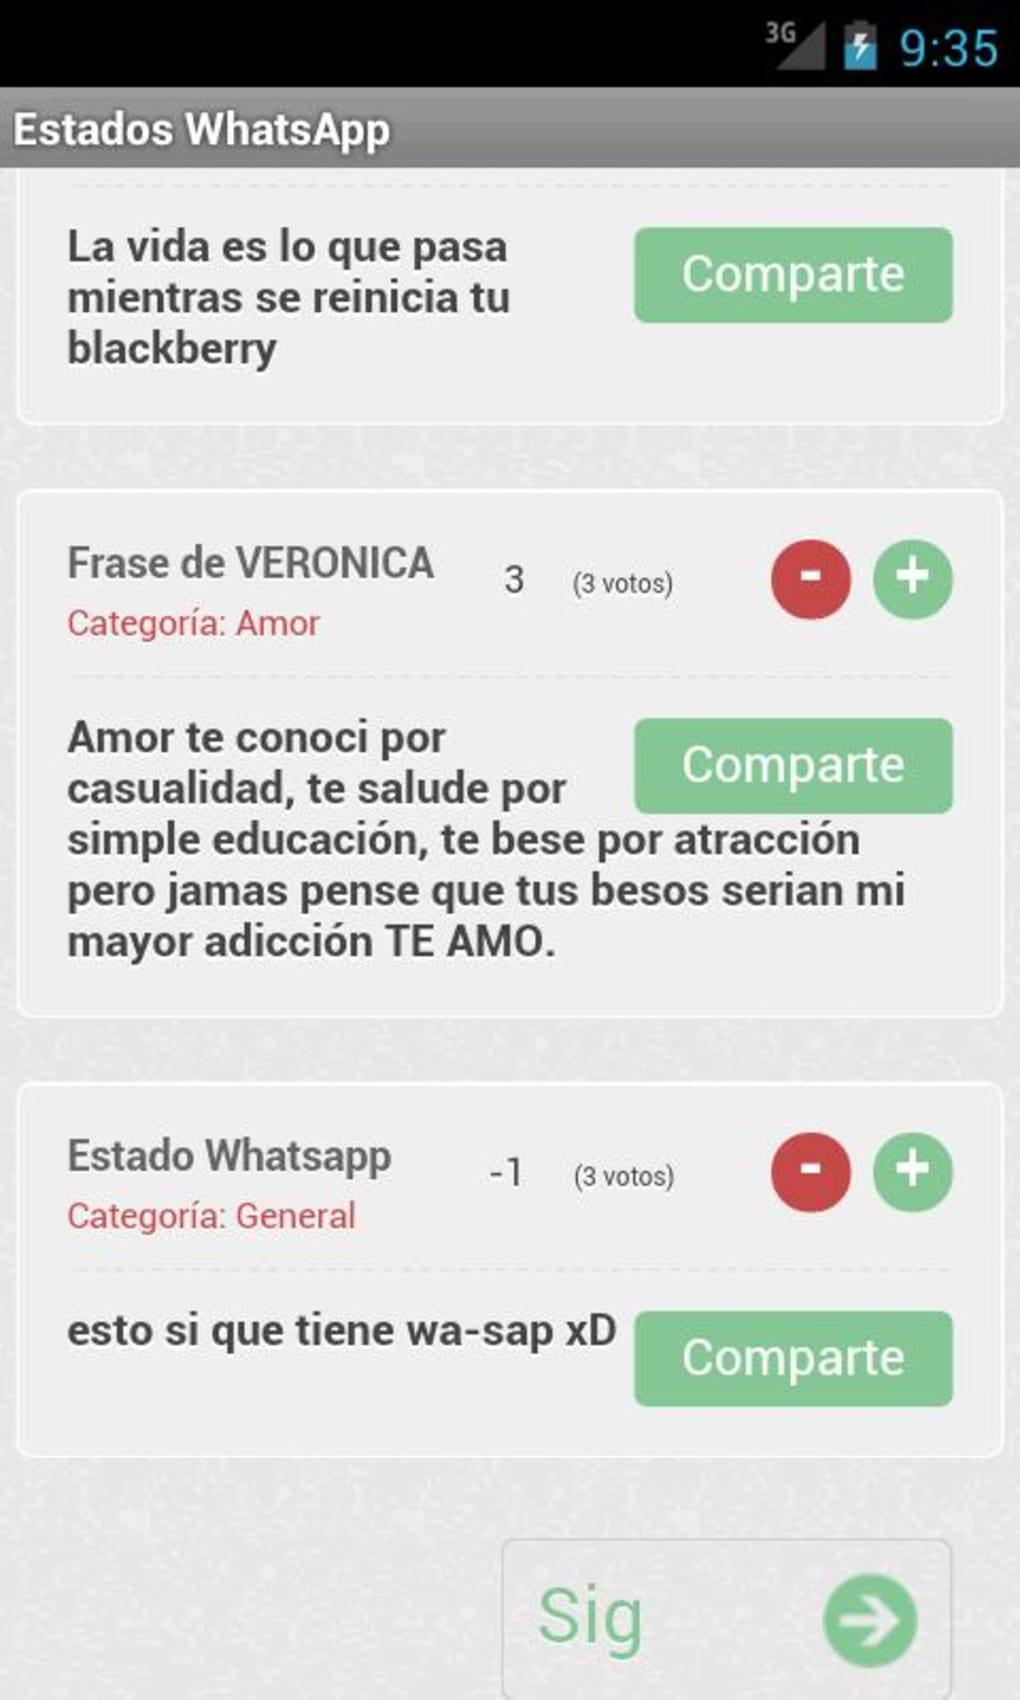 Frases Y Estados Whatsapp Para Android Descargar